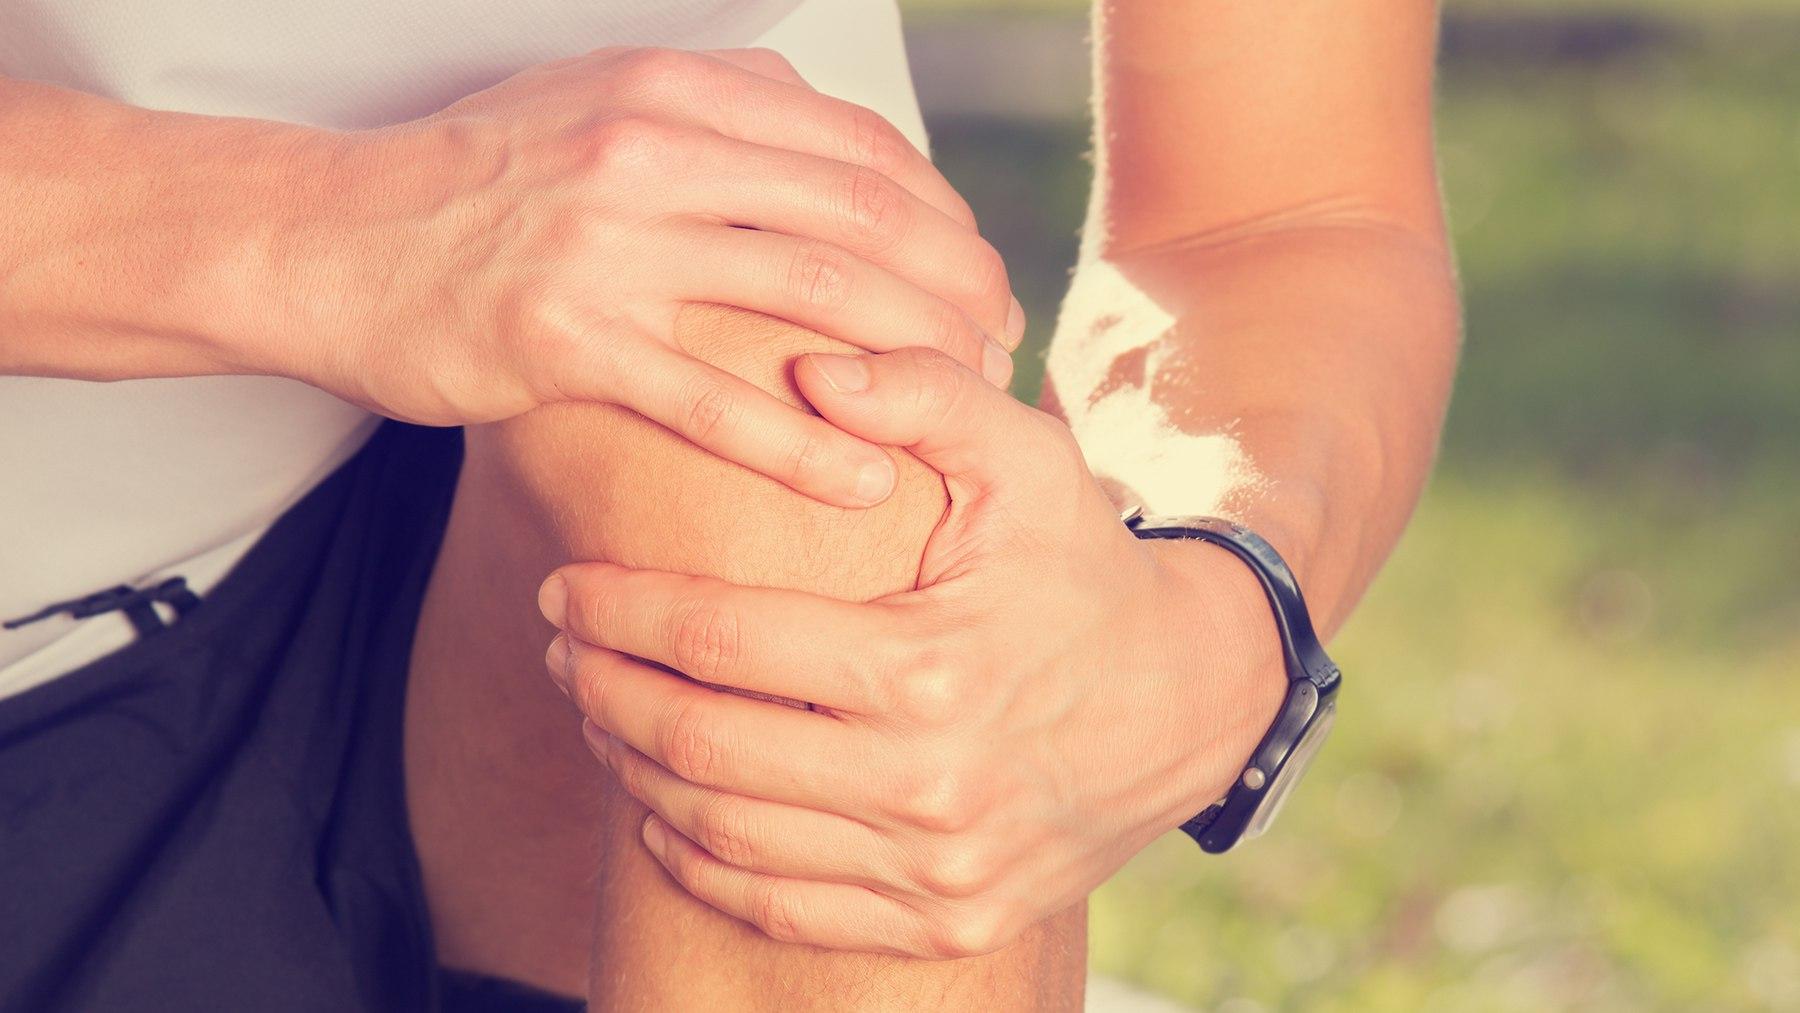 Продвинутые стадии артрита могут затруднить человеку стоять, ходить или жить самостоятельно.